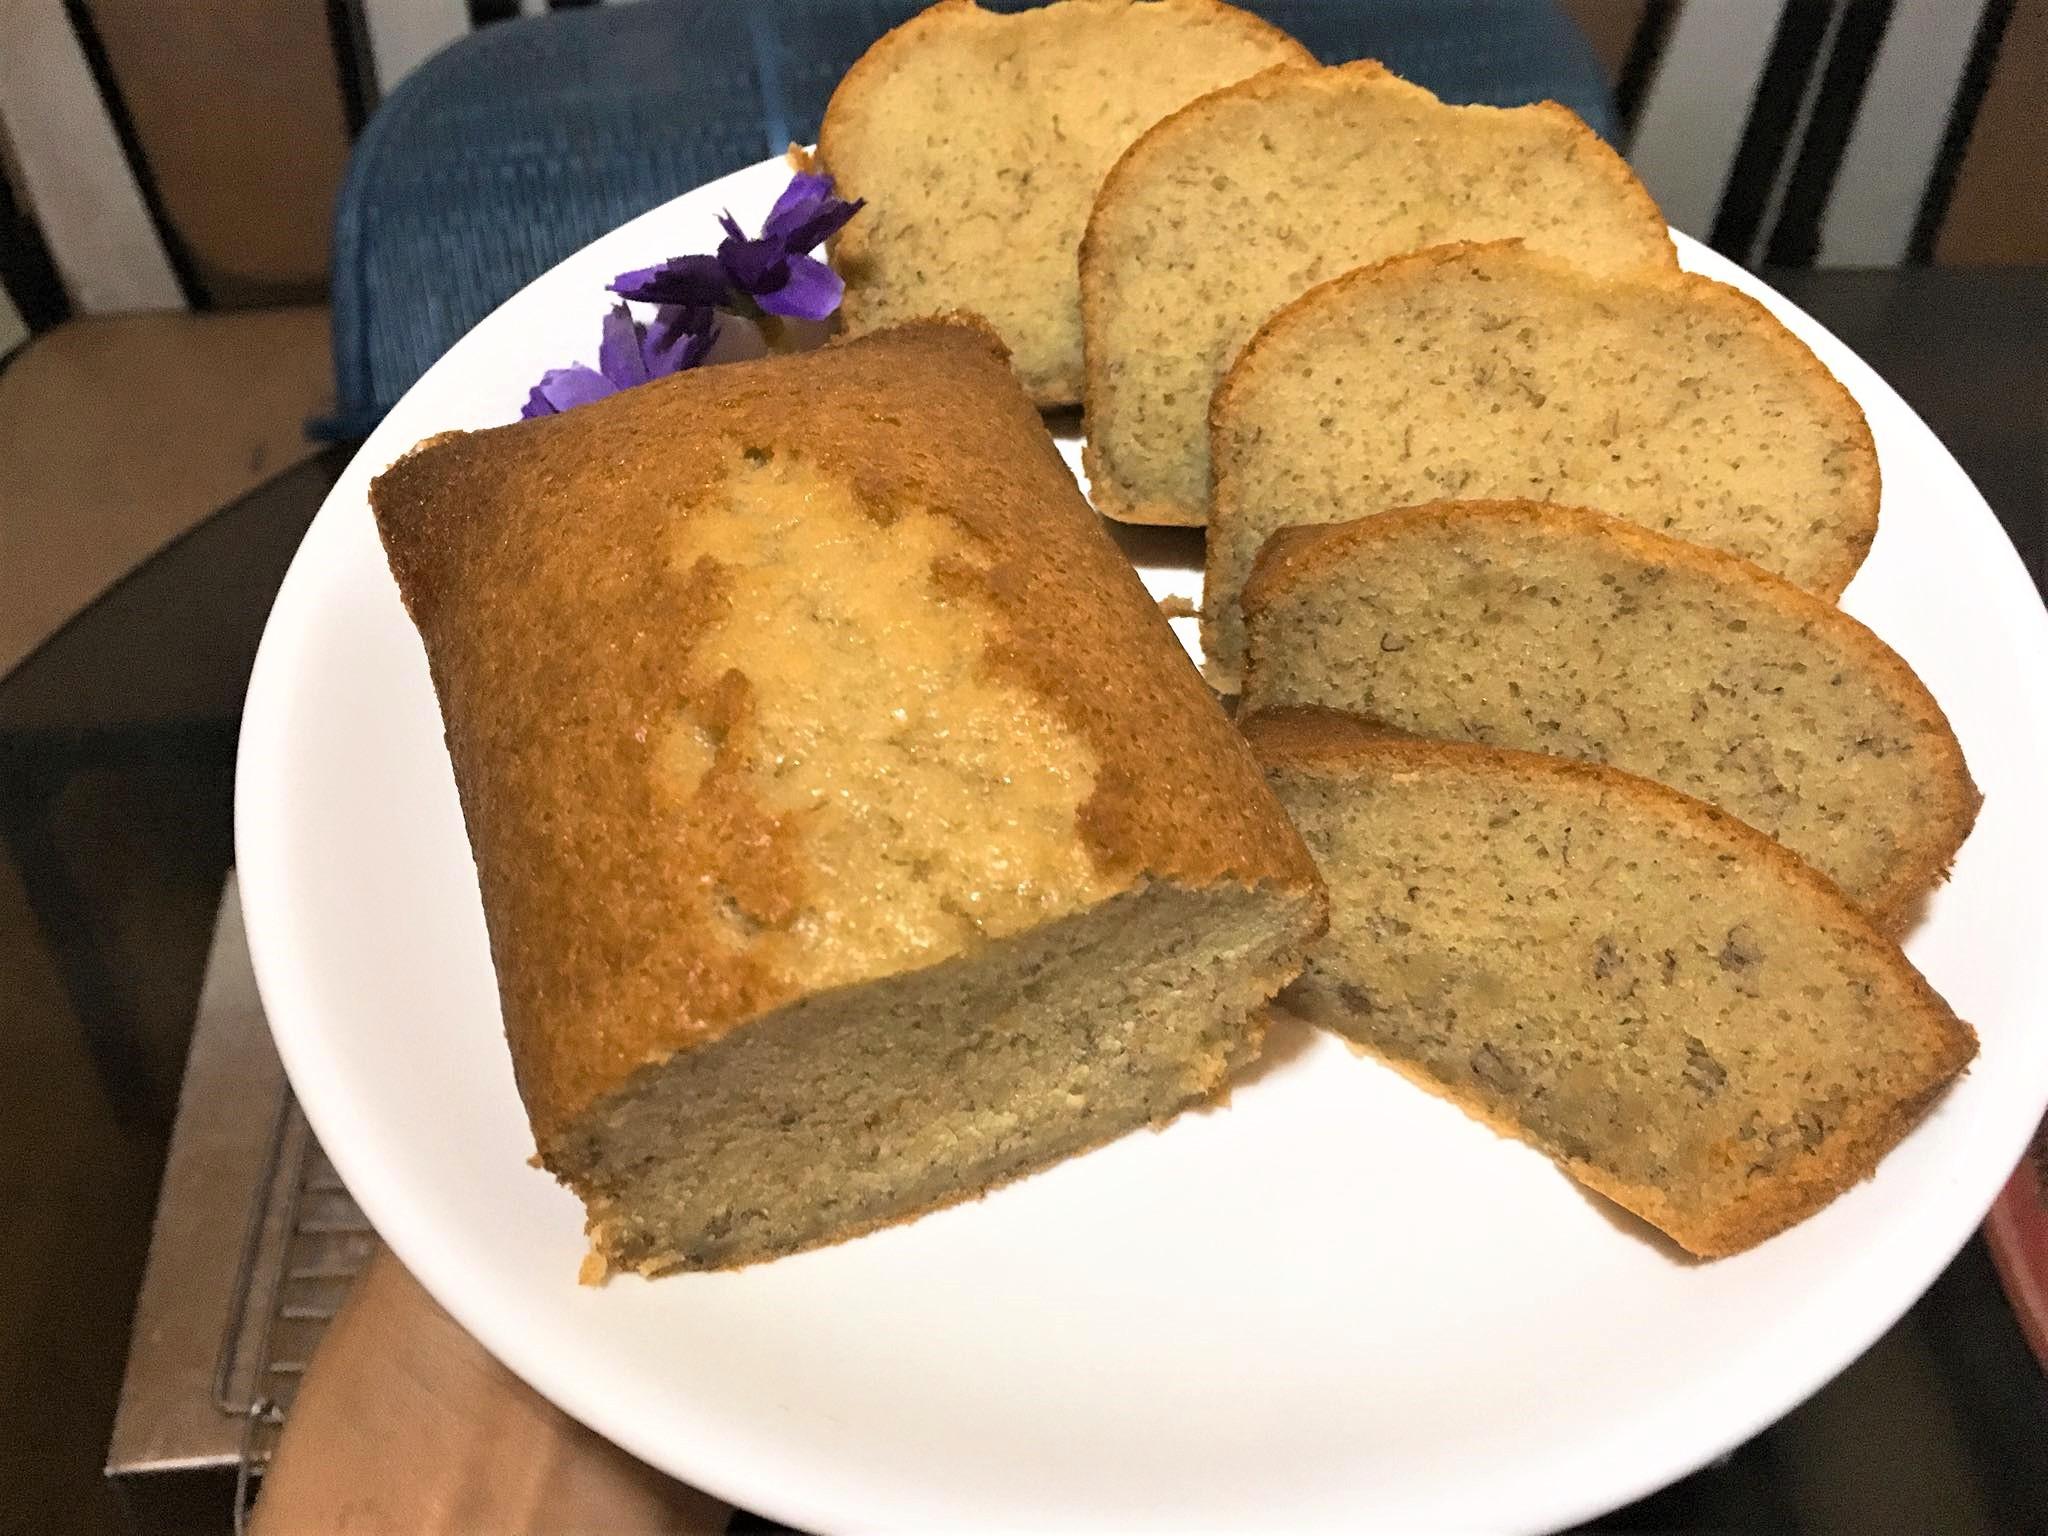 cách làm bánh bông lan chuối 2 cách làm bánh bông lan chuối Cách làm bánh bông lan chuối ngon mê ly cach lam banh bong lan chuoi 2